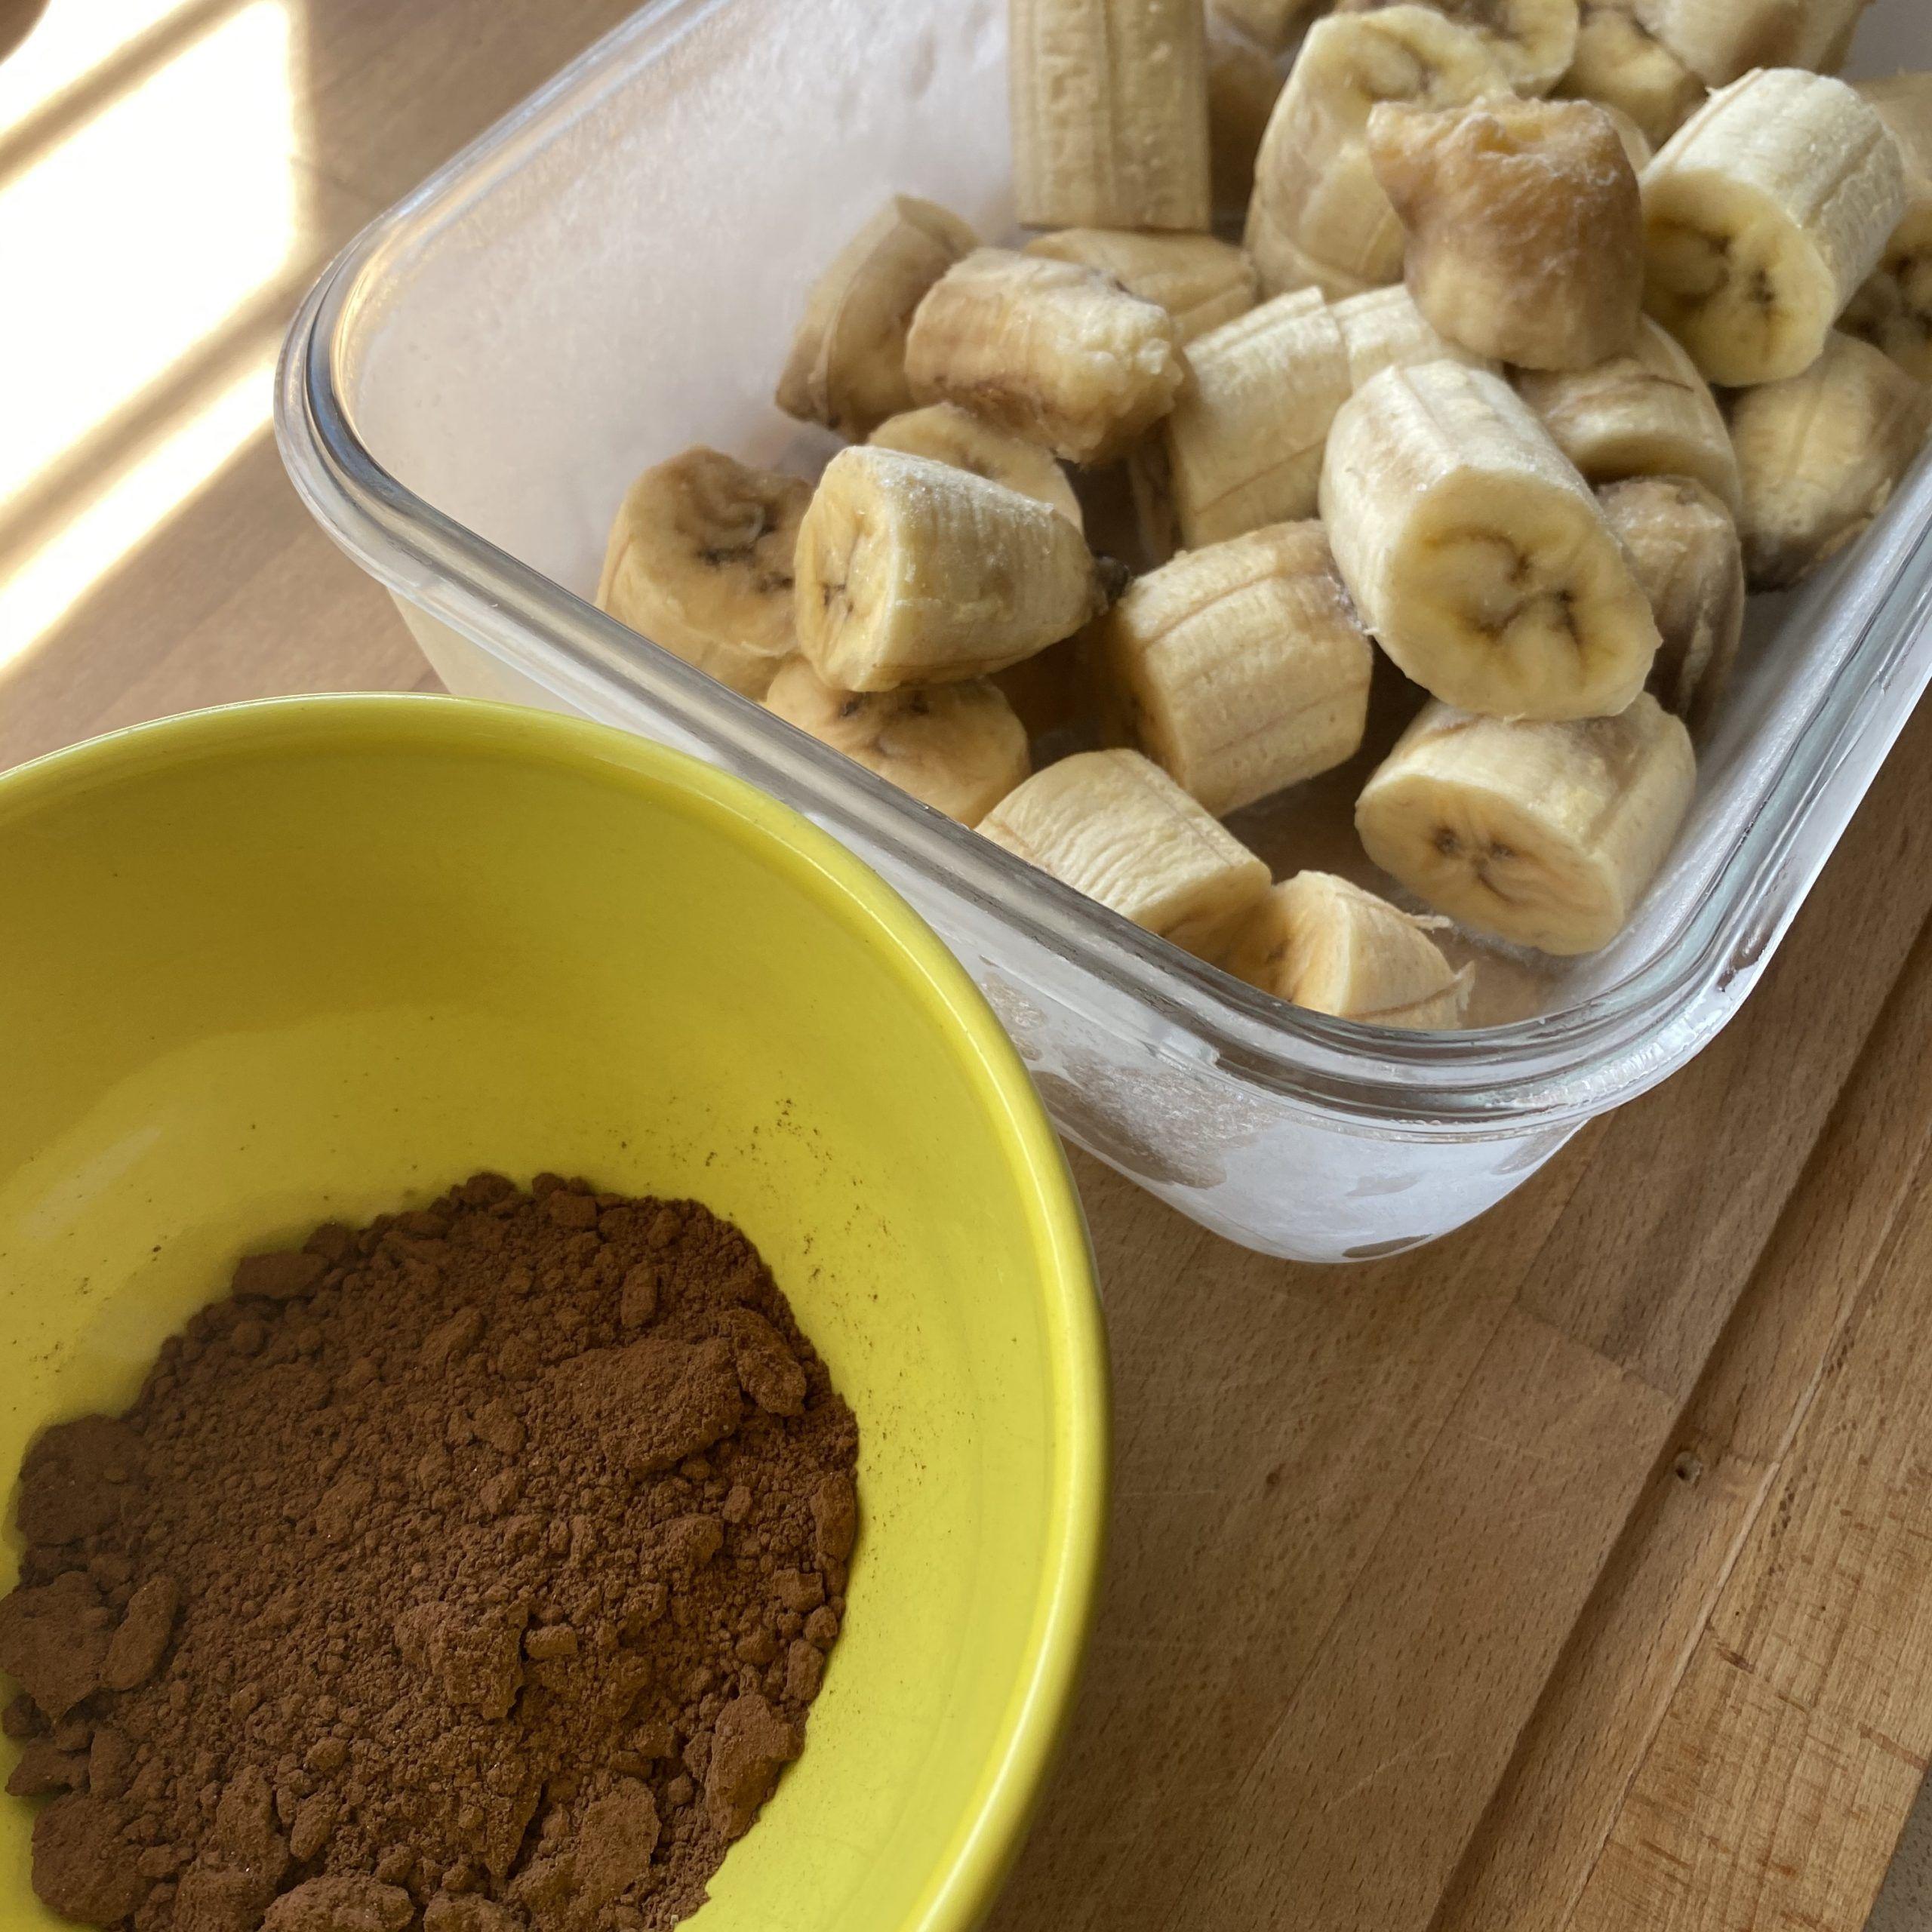 Saca los plátanos del congelador y prepara tus ingredientes. En mi receta utilicé cacao.